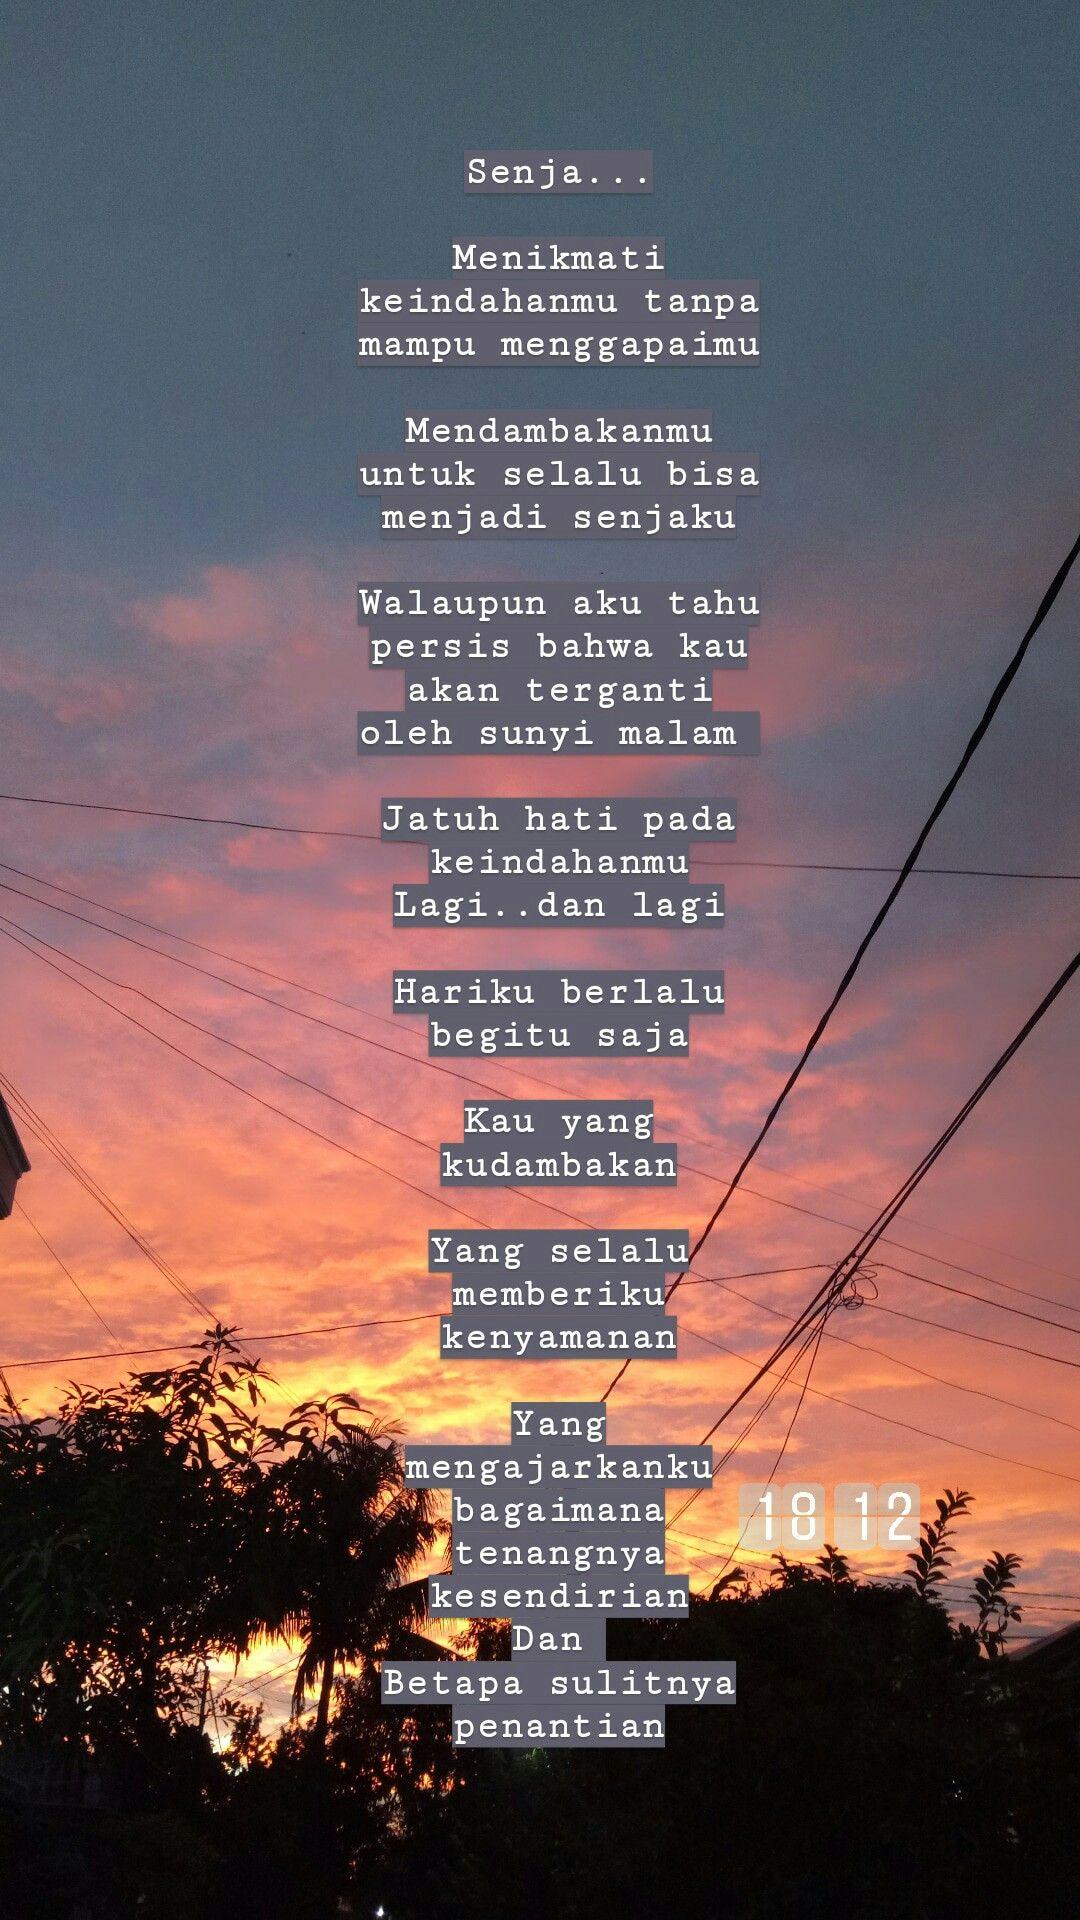 Senja Dan Penantian Quotes Poem Puisi Sajak Kata Kata Indah